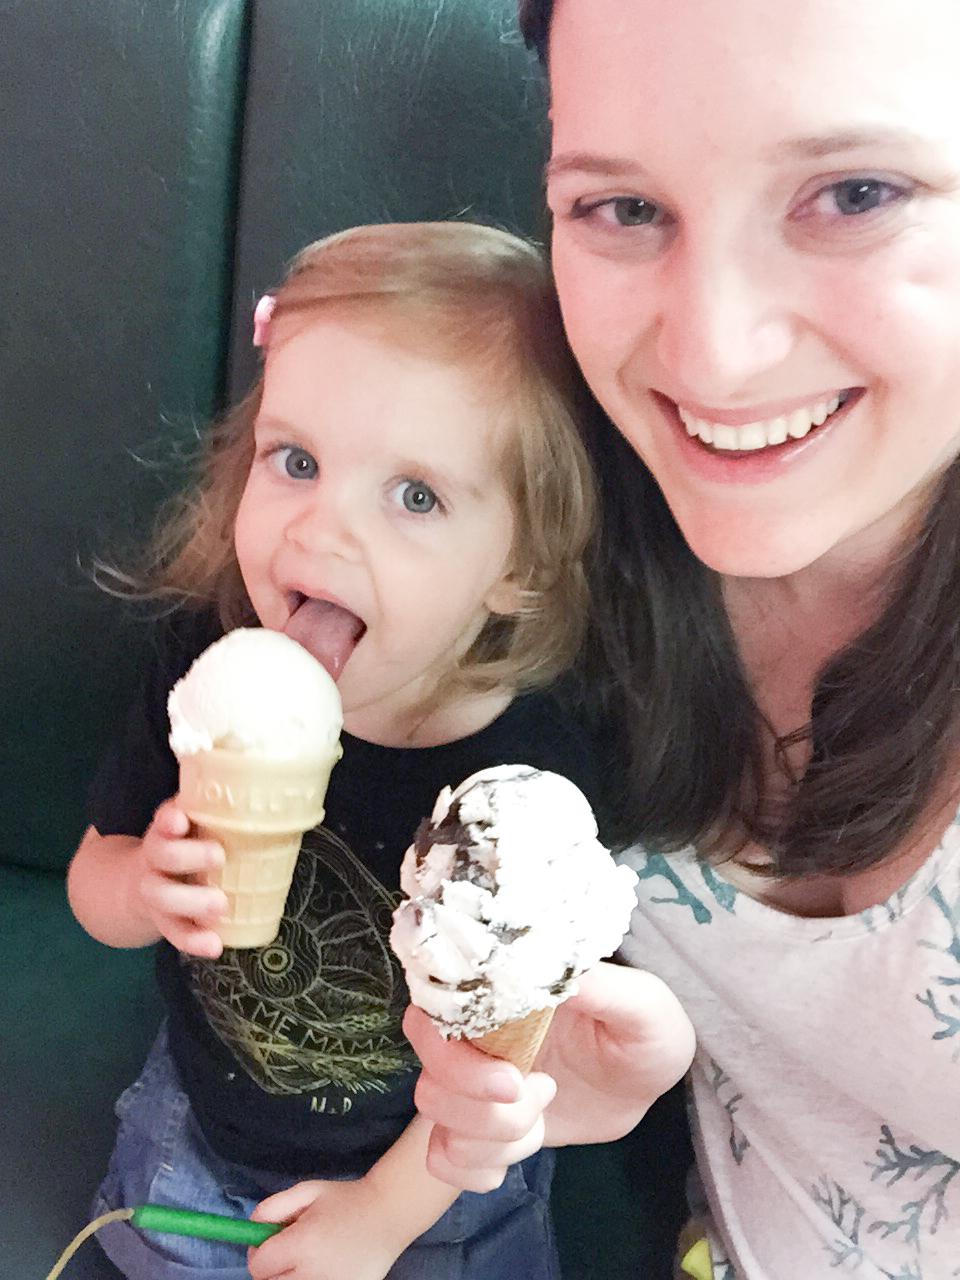 susas-ice-cream-harrisburg-nc-selfie